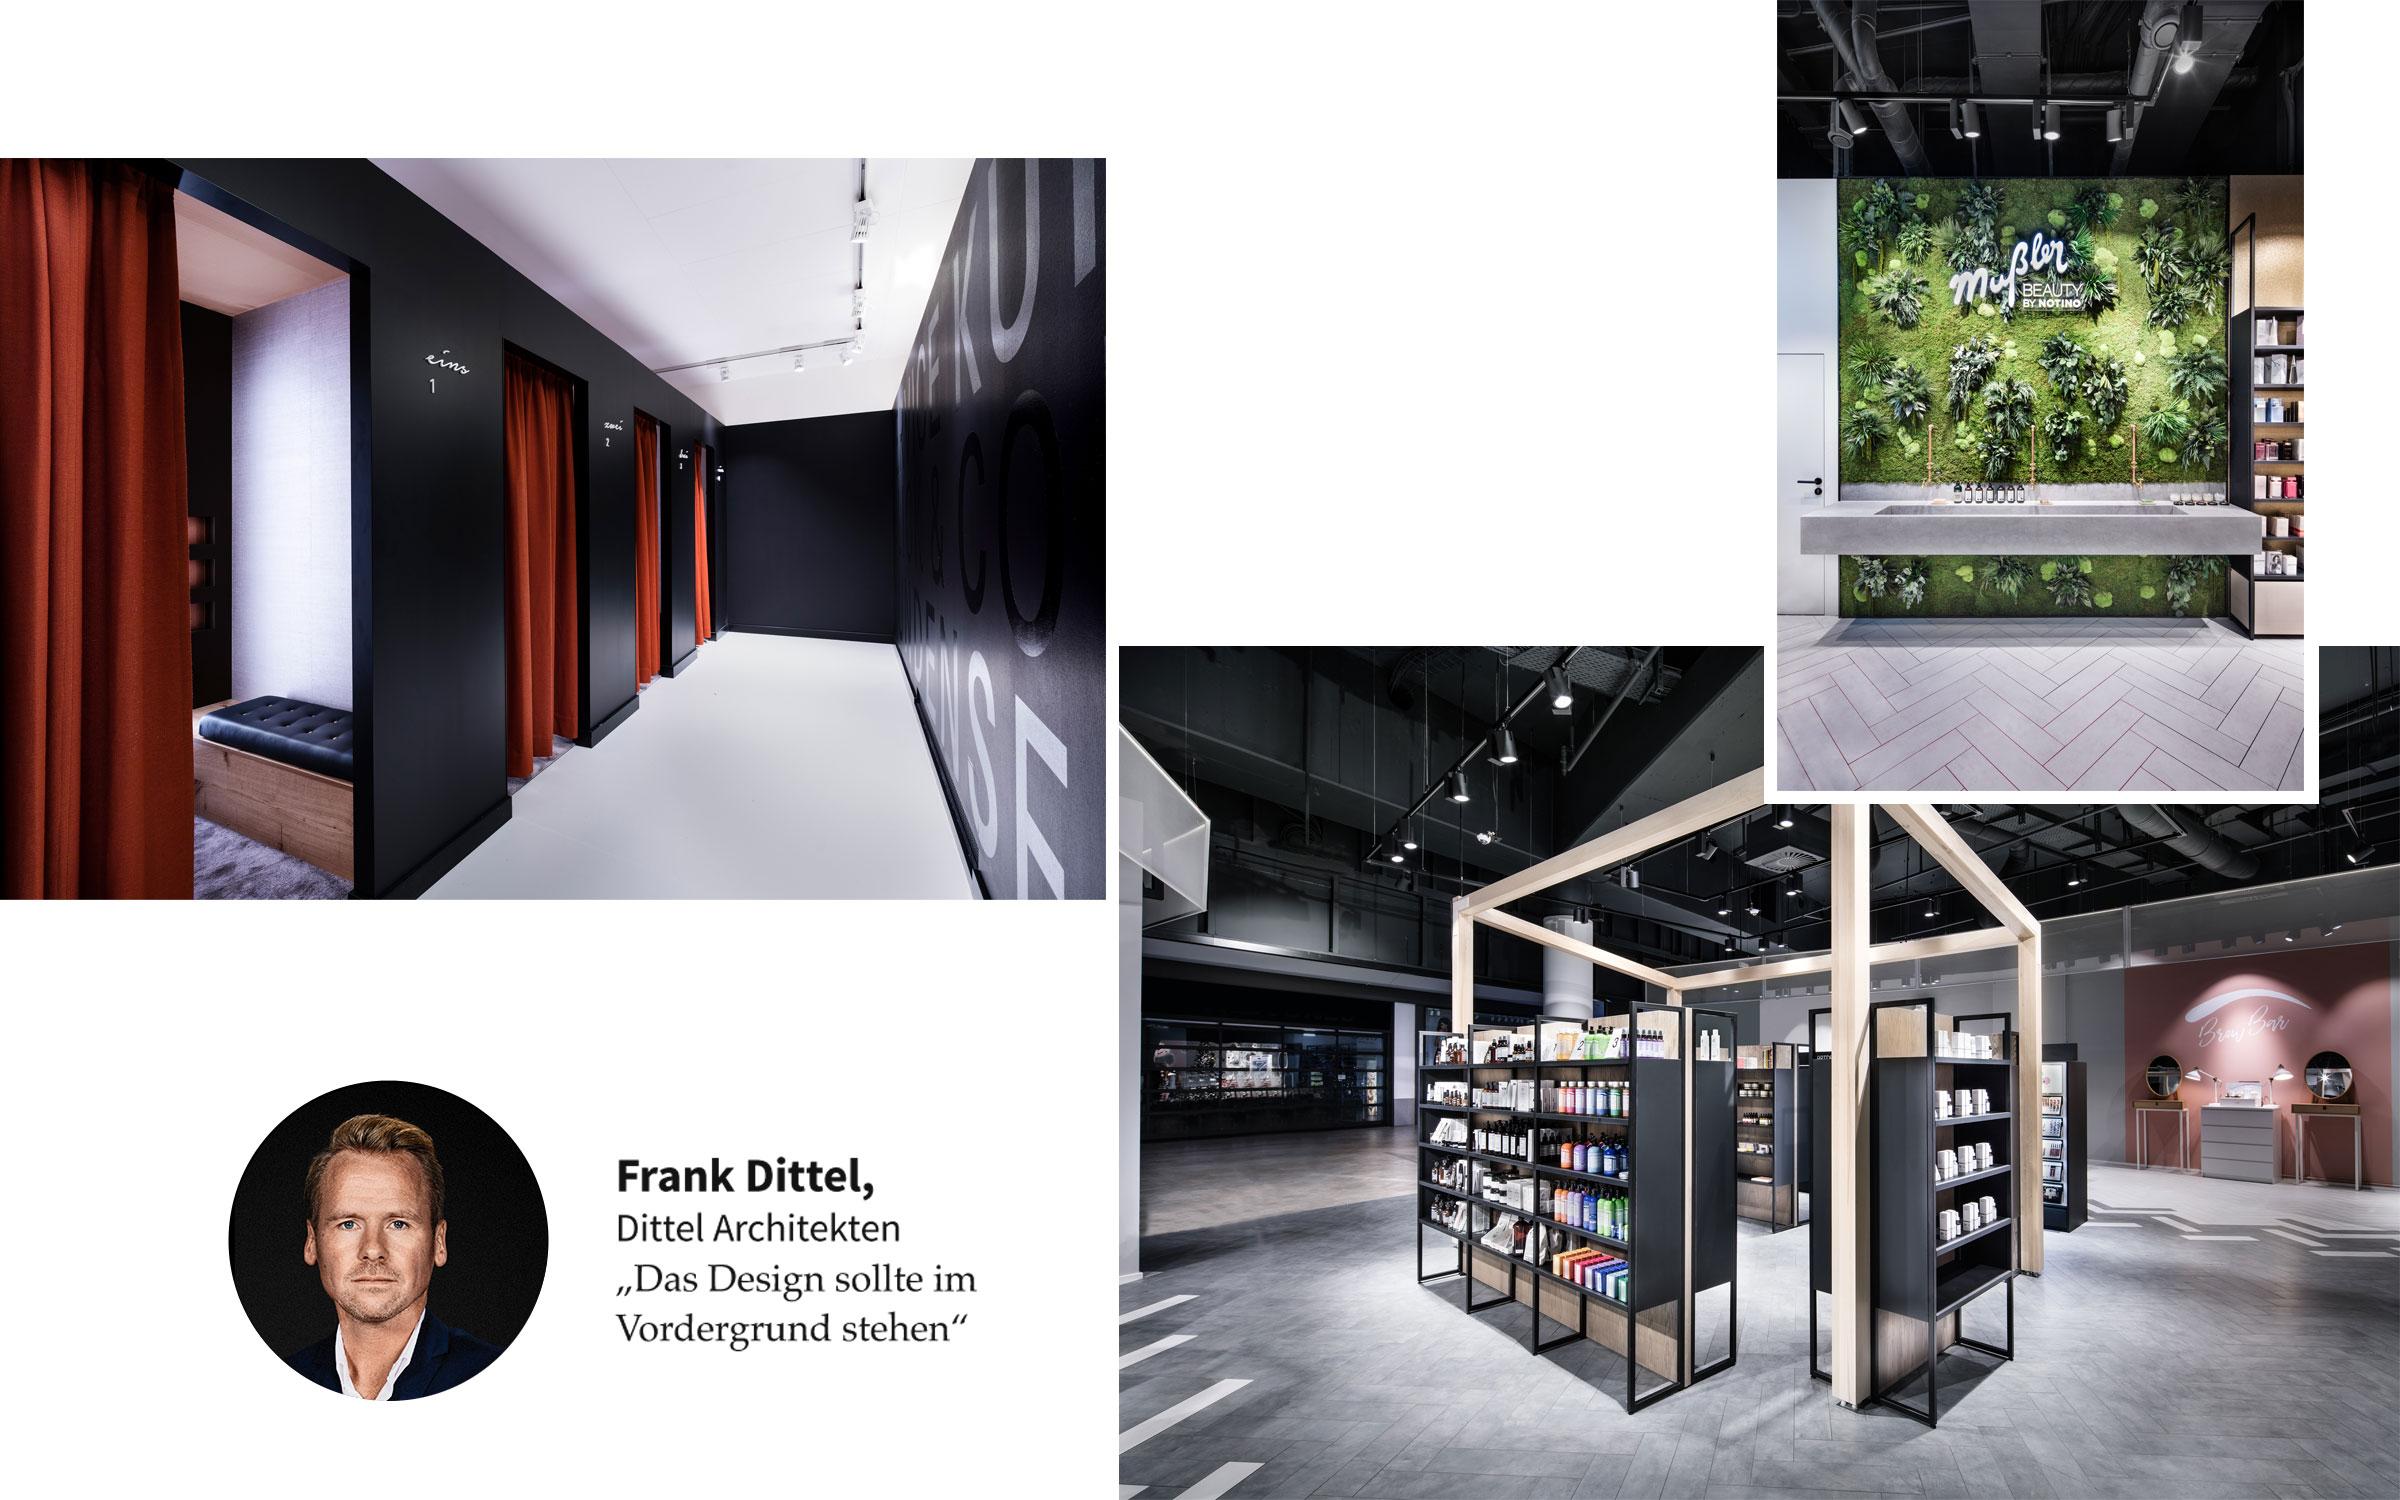 Presse Textilmitteilungen, Fotos Dittel Architekten